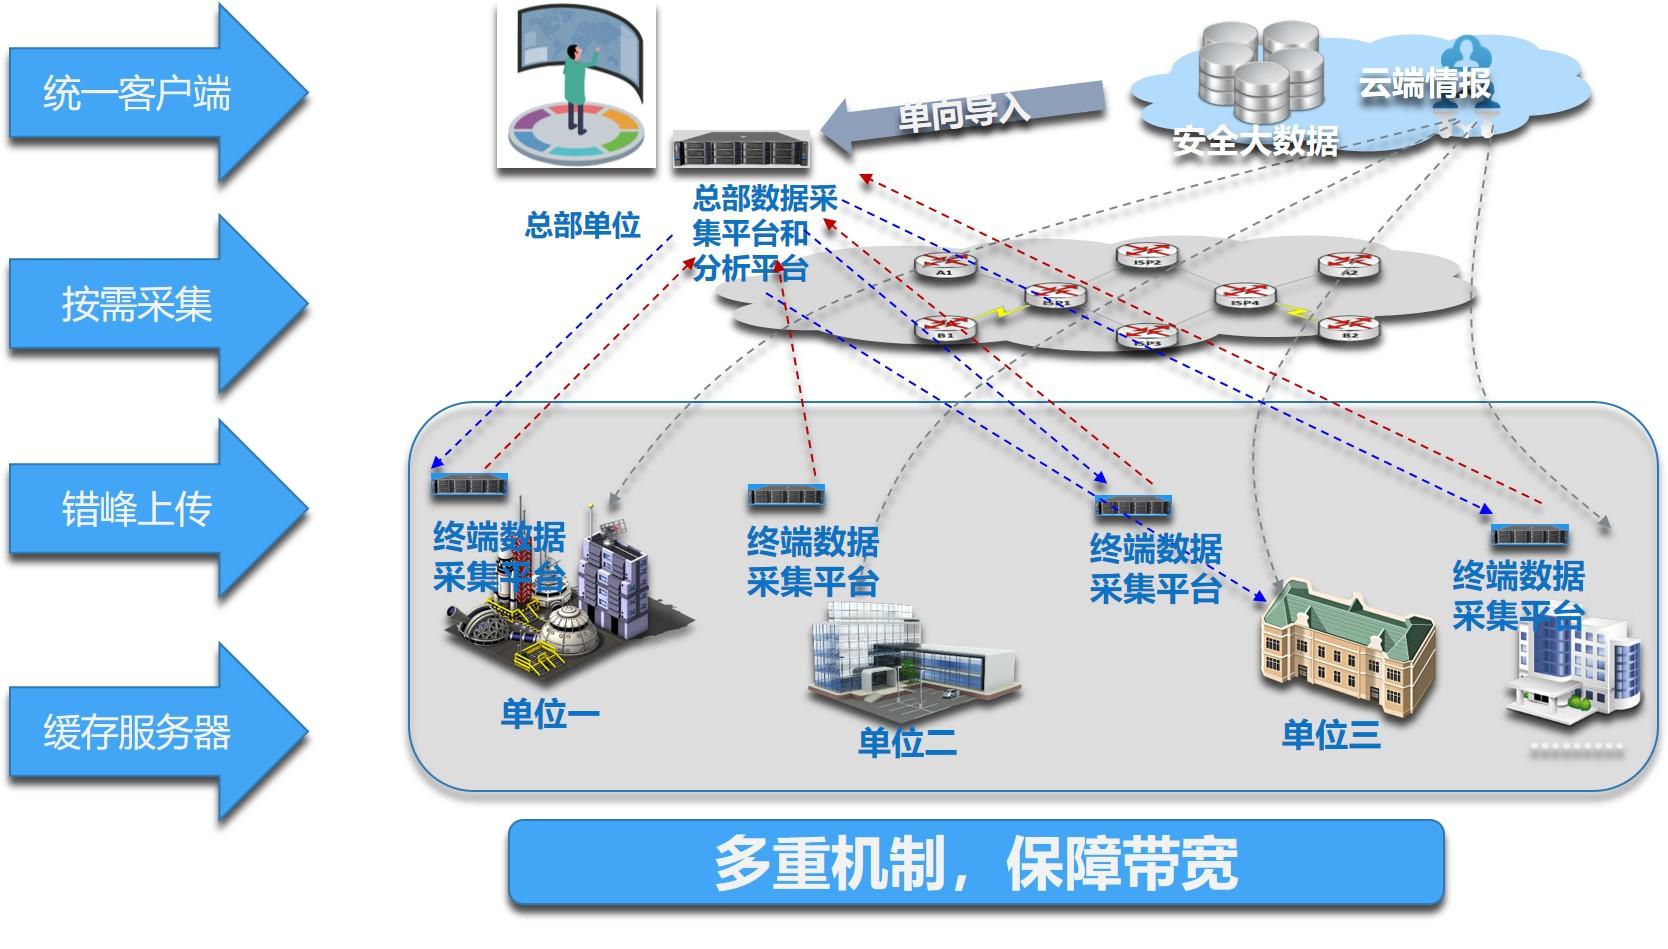 终端安全响应系统(EDR)